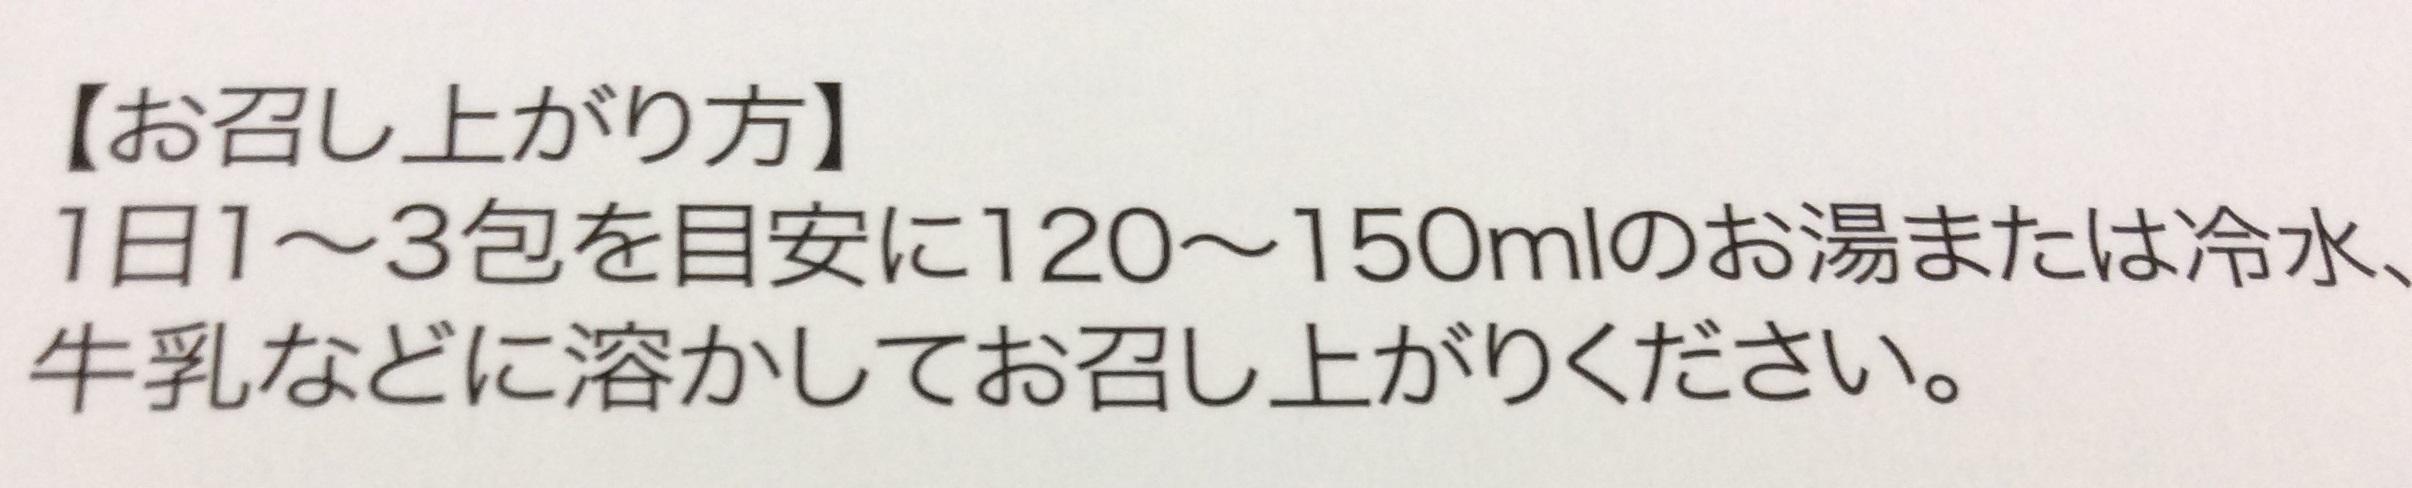 ECB7B5FA-3DB9-45C6-A8F2-B232B82025A1.jpeg